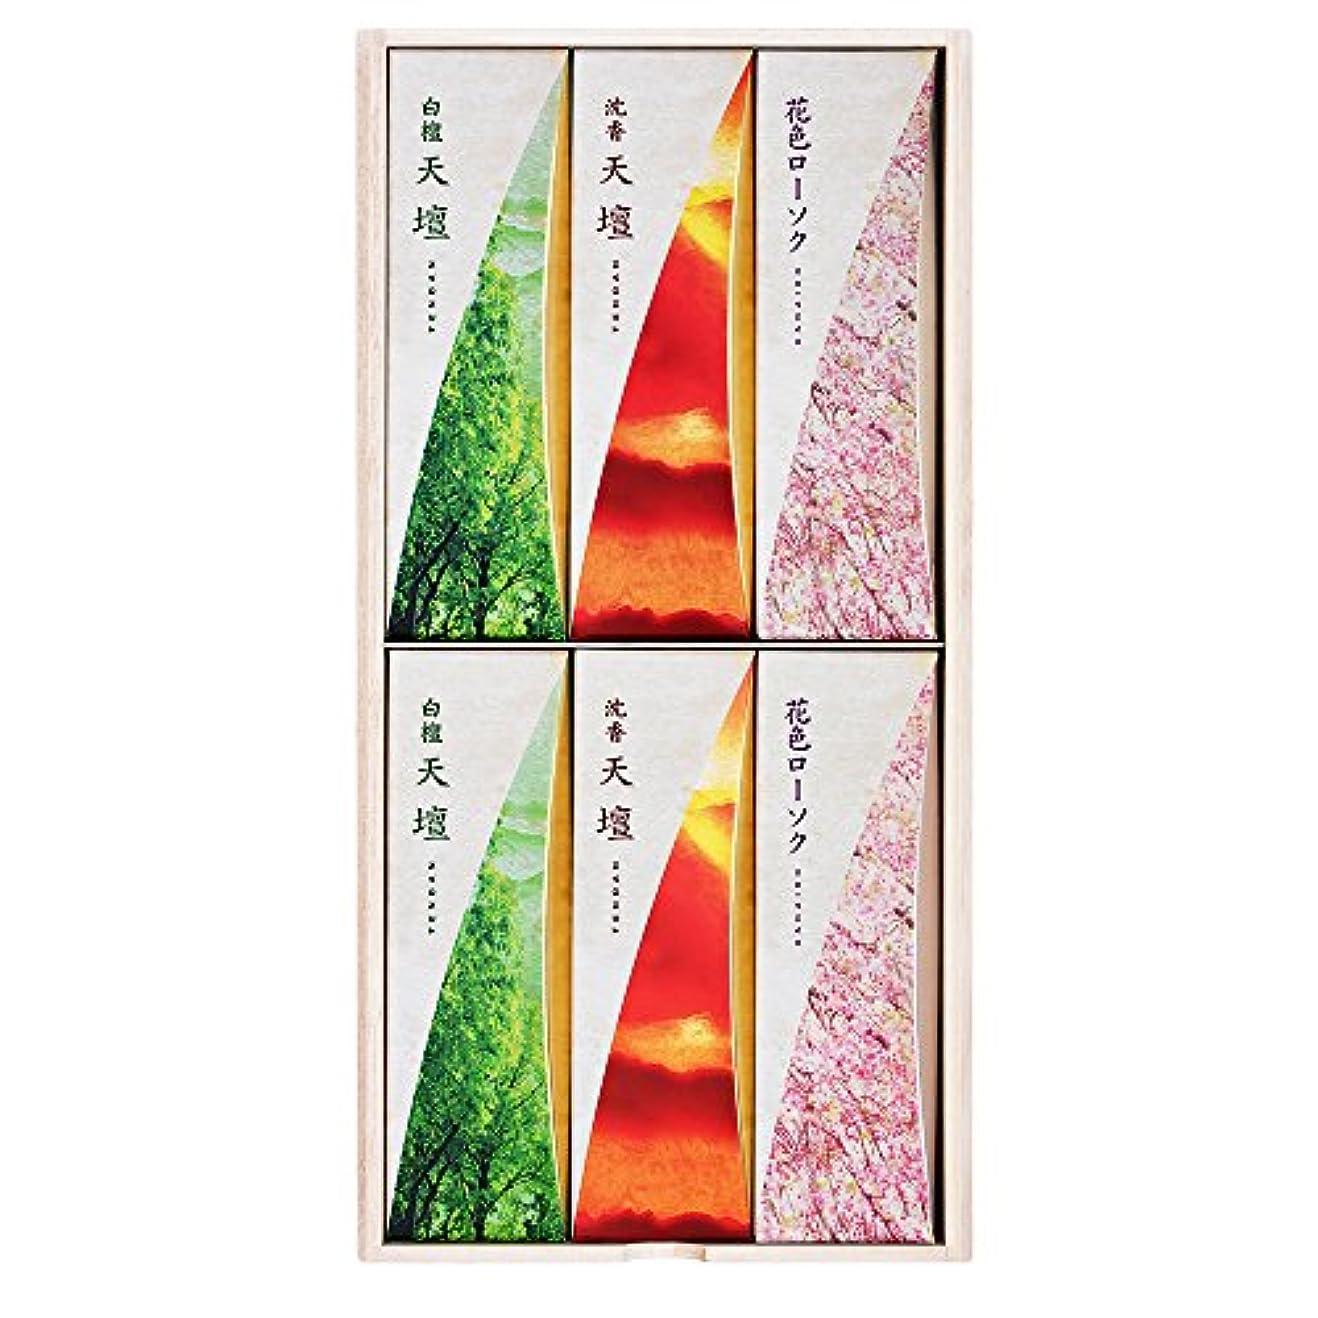 石膏変更可能昆虫天壇進物3000 桐箱 包装品 (白檀の香り2箱、沈香の香り2箱、花色ローソク2箱)